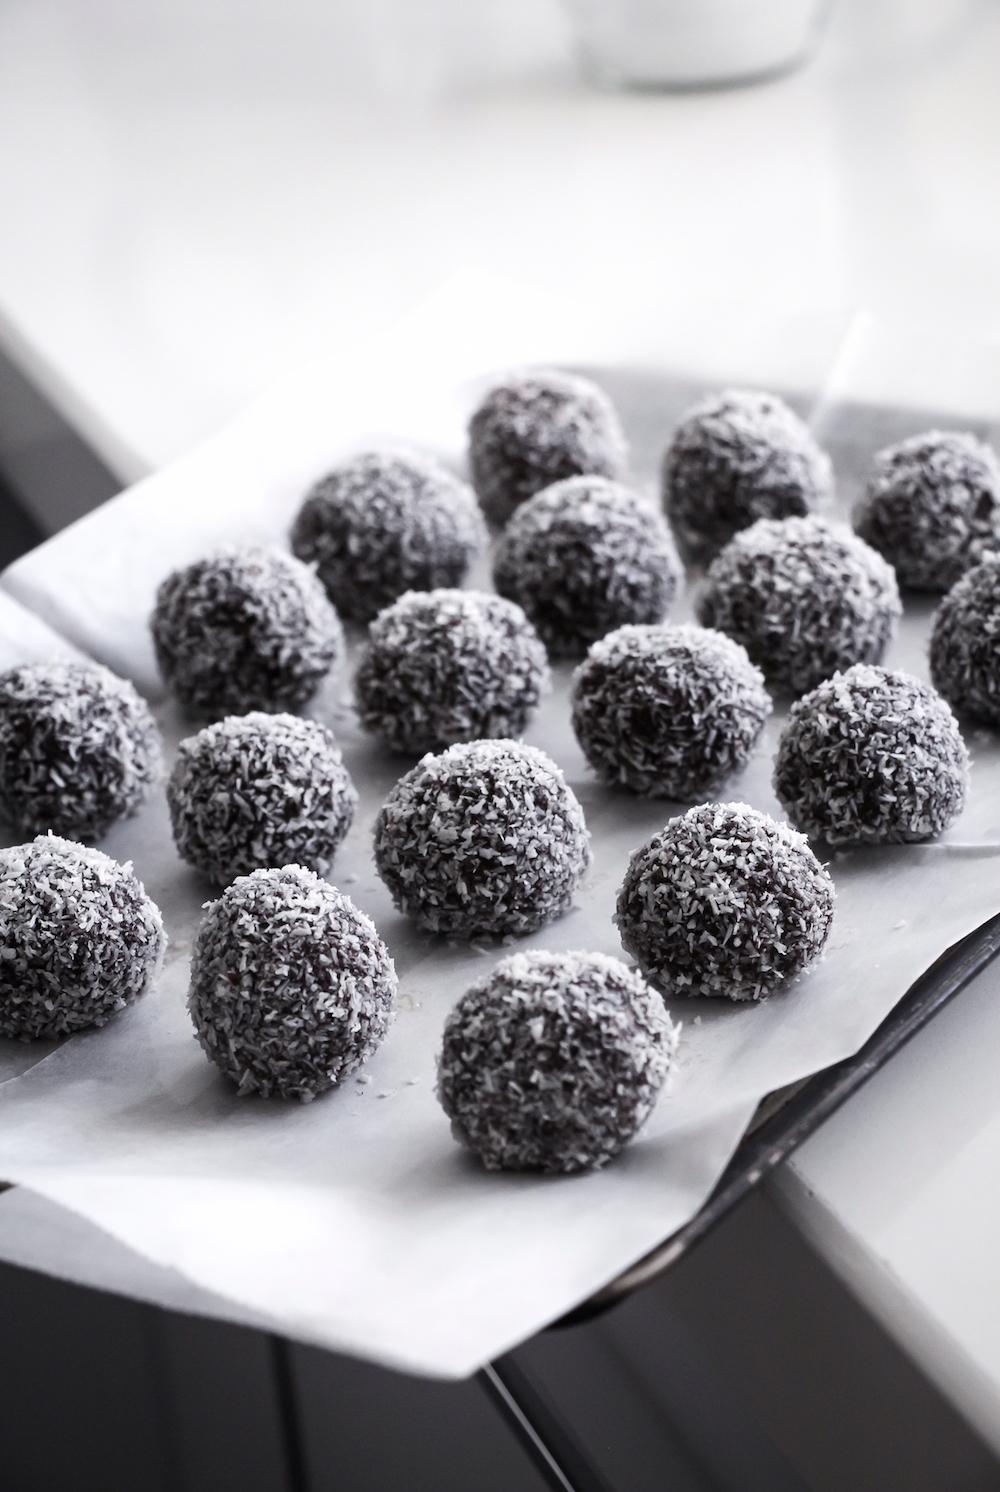 כדורי שוקולד ב-10 דקות